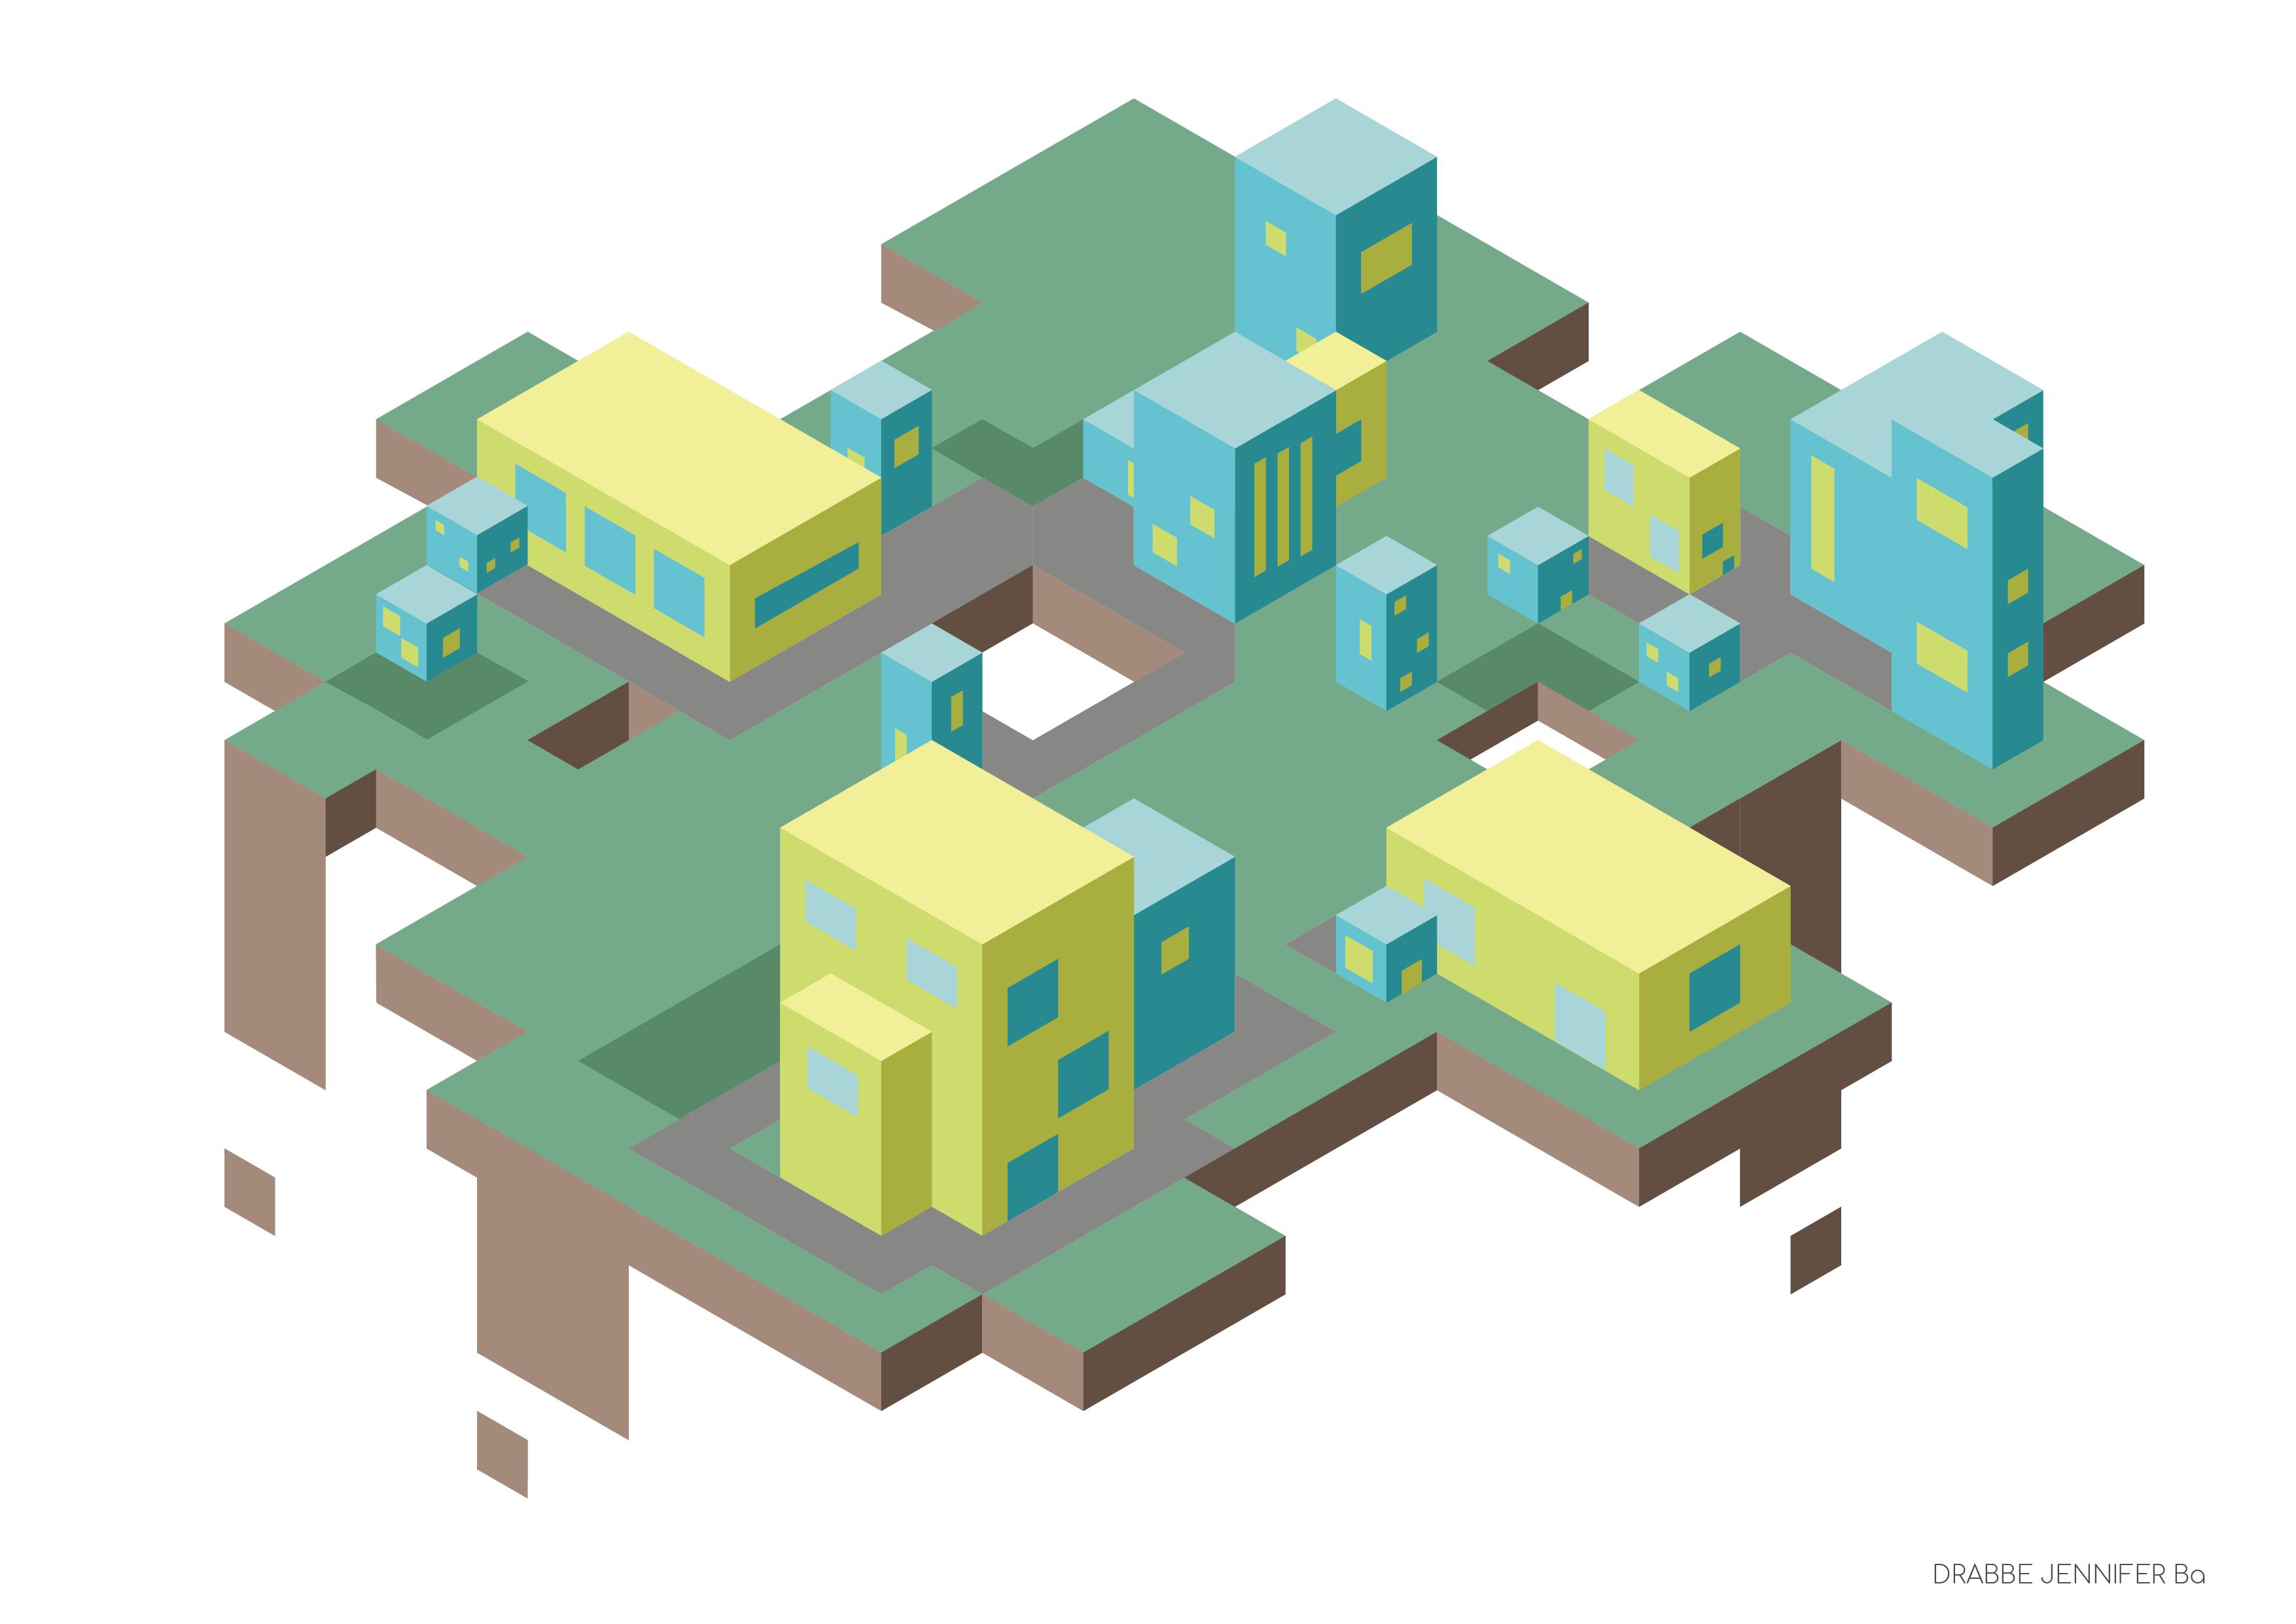 Een city op isometrisch grid, met ramen